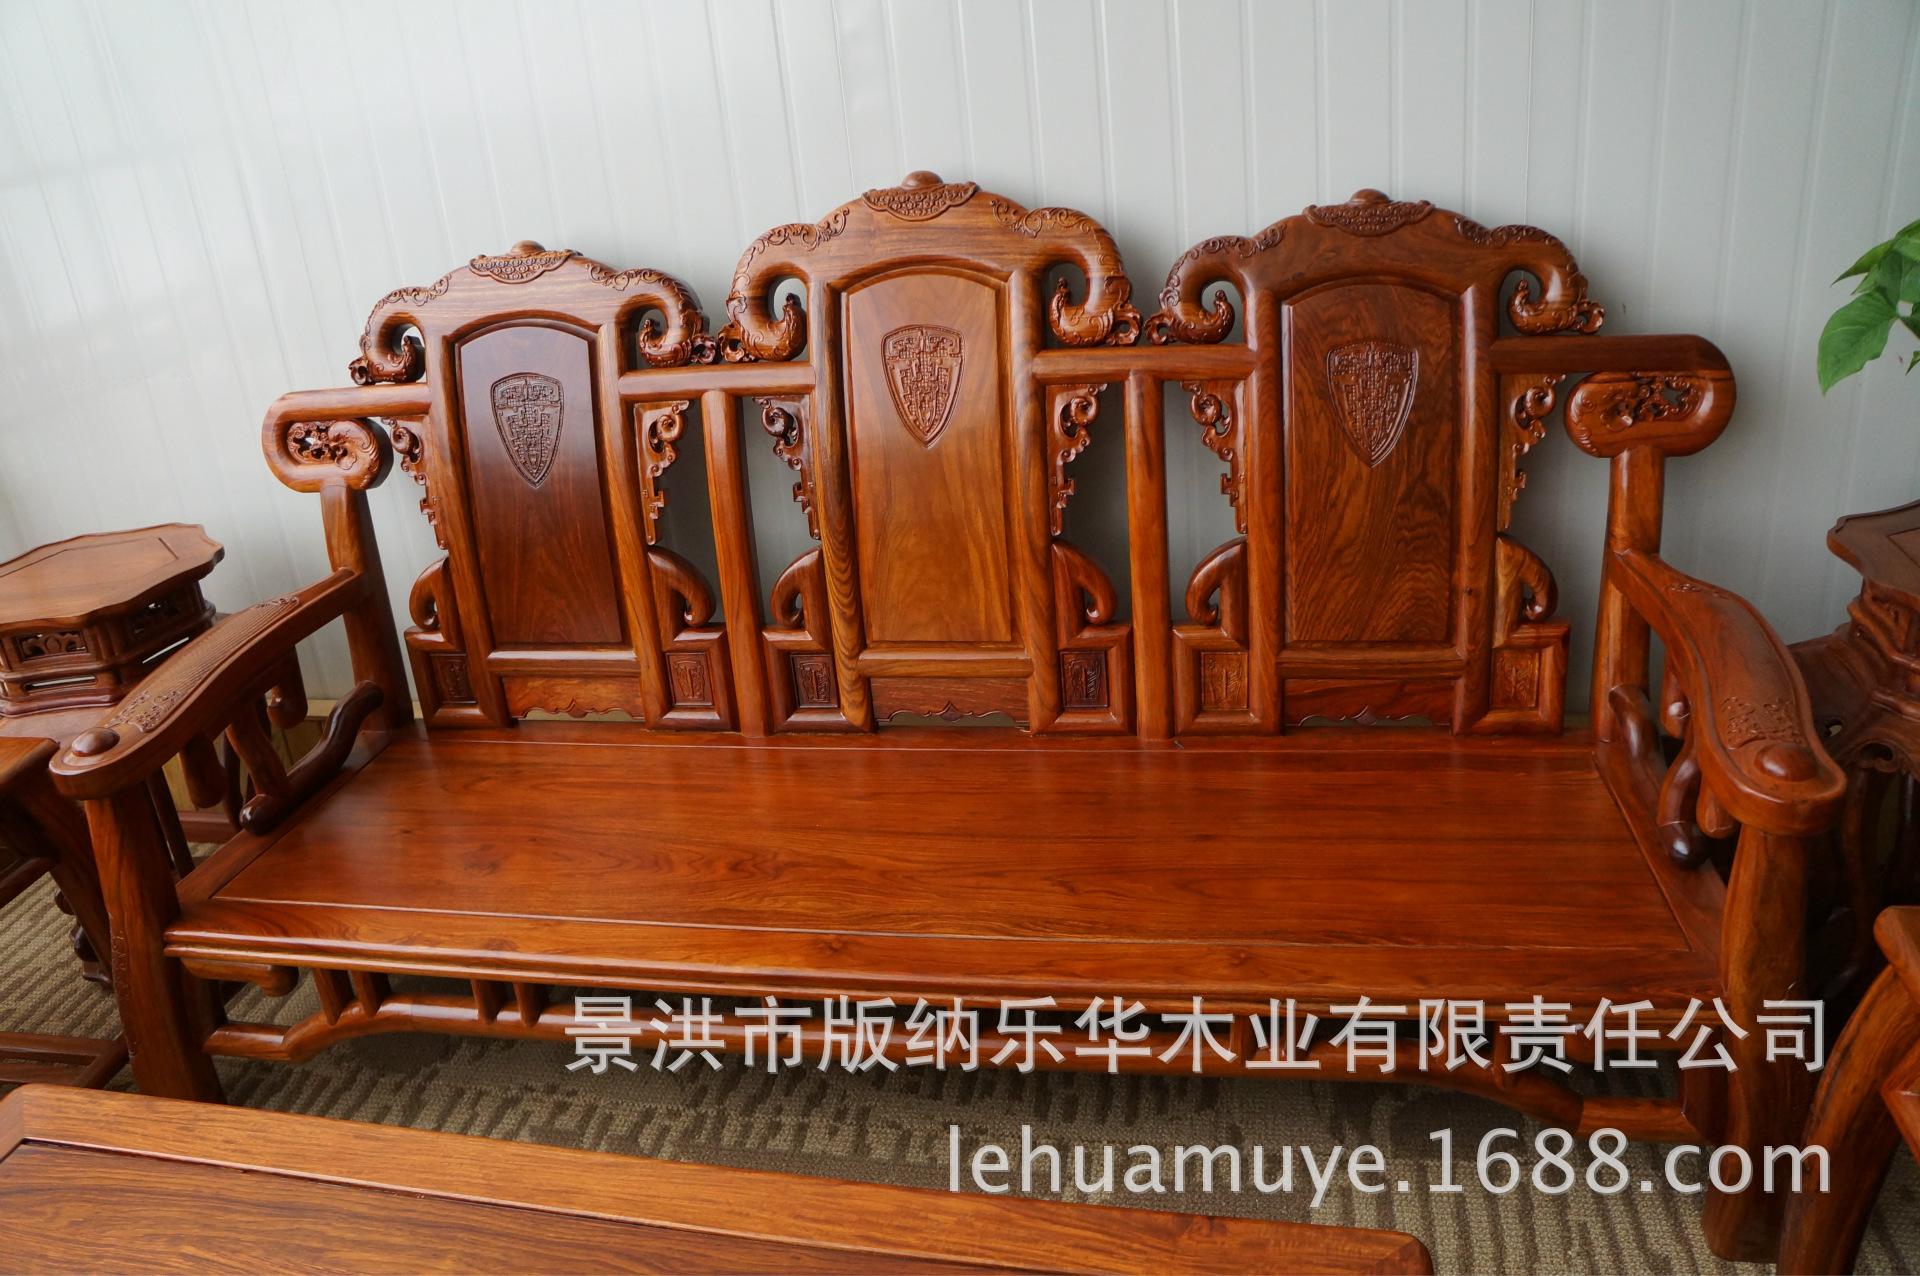 刺猬紫檀 凤鸣沙发六件套 -沙发 中国黄页